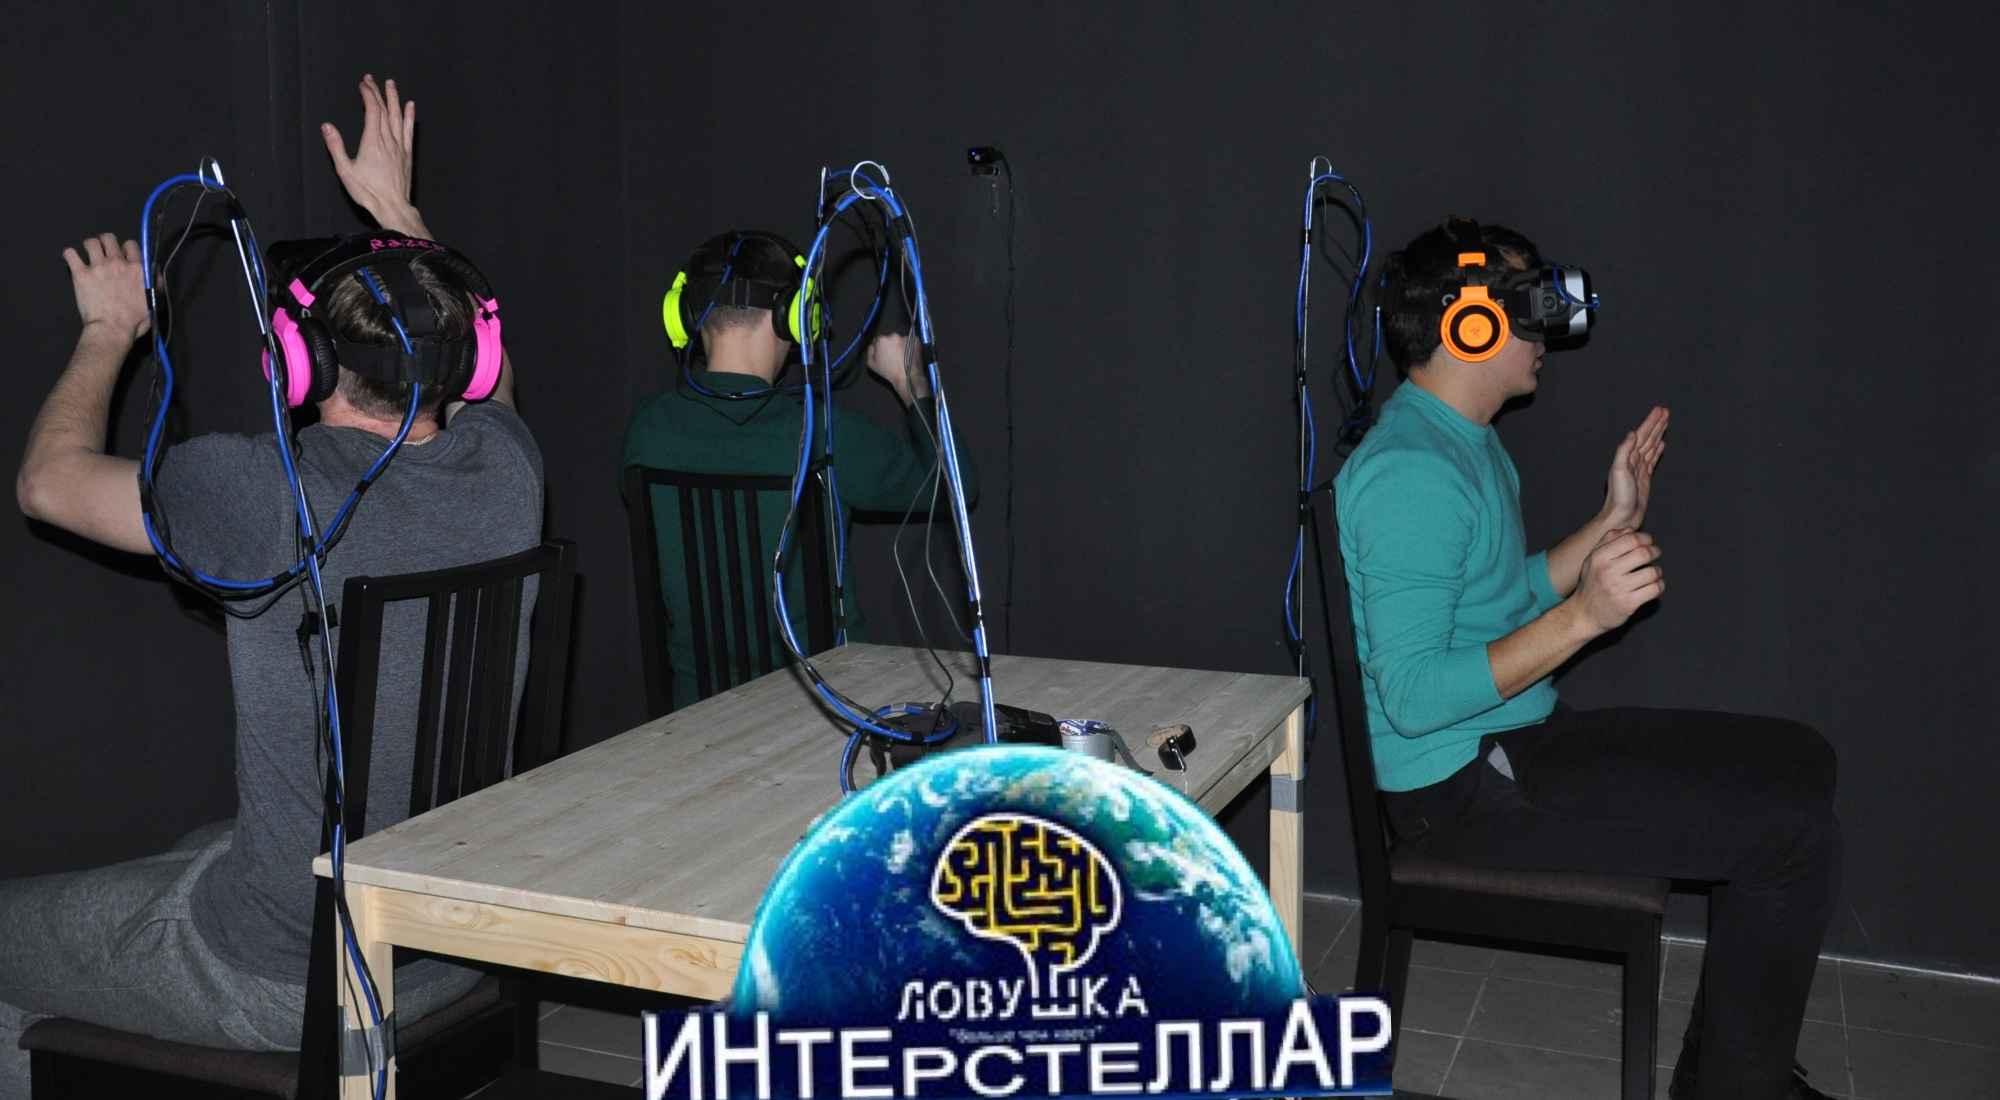 магазин товаров квест в виртуальной реальности поиск, поставщики